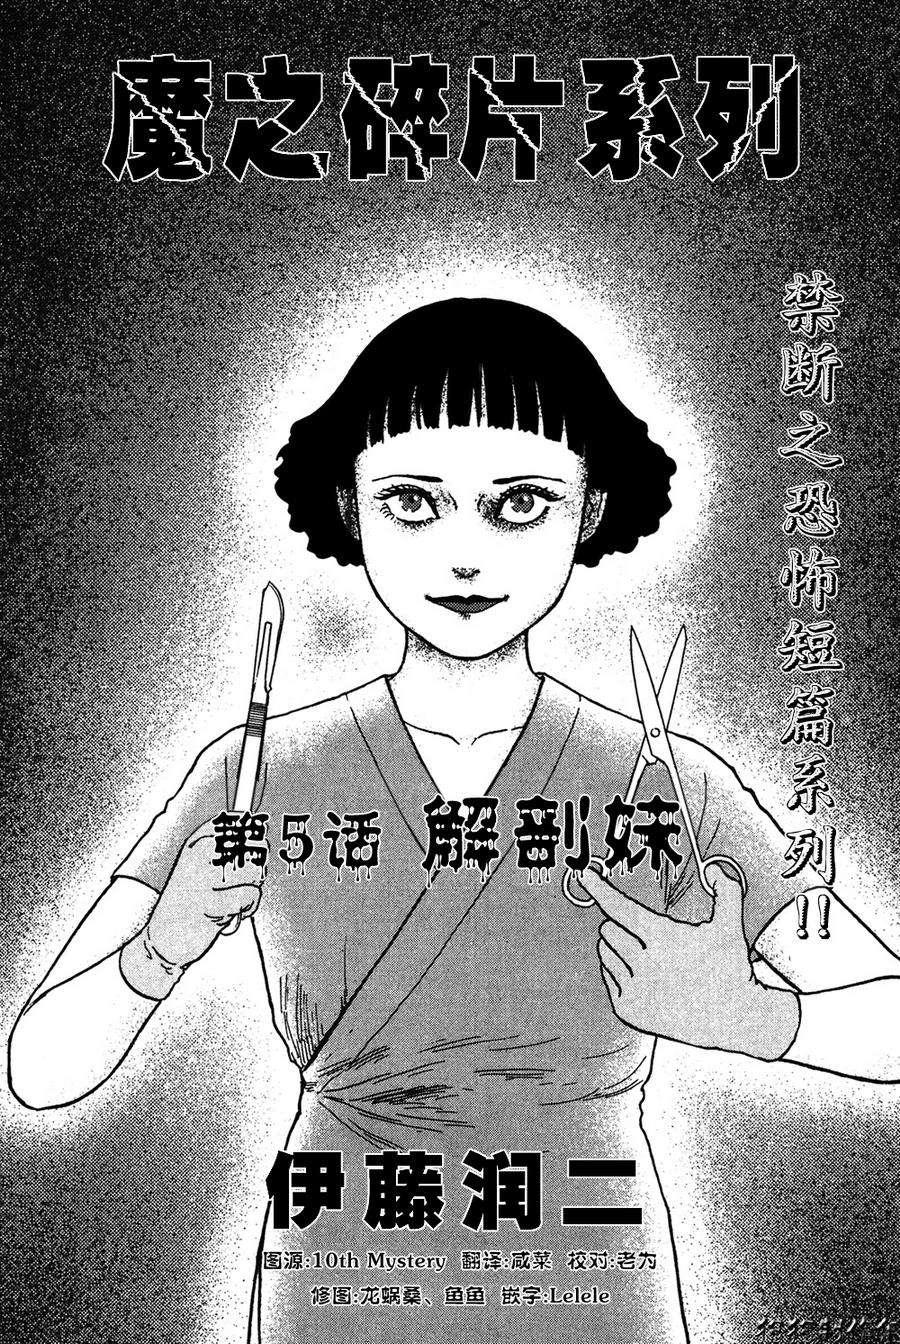 https://c5.ninemanga.com/es_manga/55/14519/357968/045a076f54c276d90e33cf85deda08ed.jpg Page 1